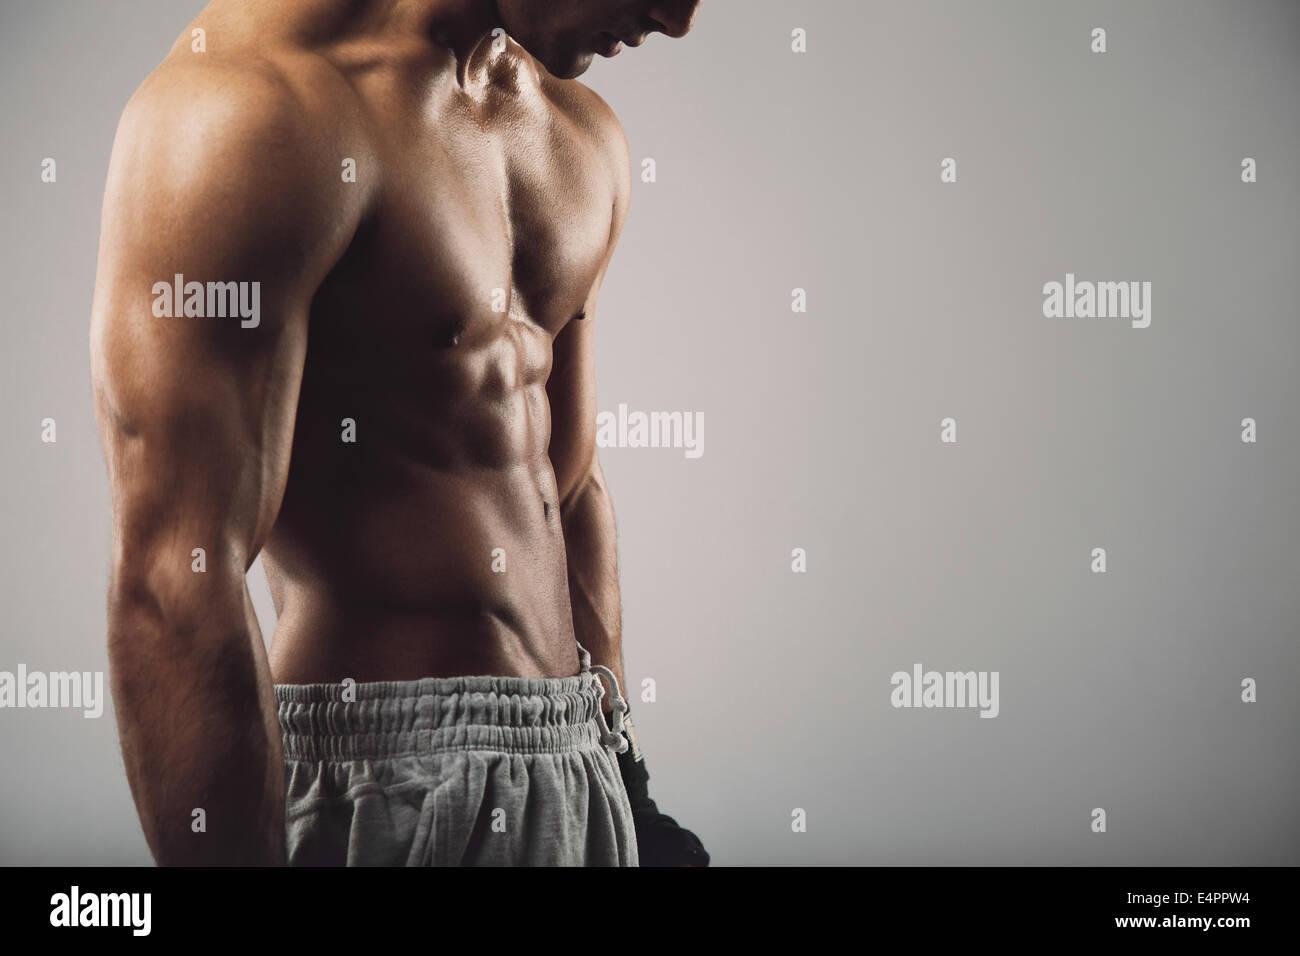 Immagine ritagliata del maschile giovane ragazzo su sfondo grigio con copia spazio. Allenamento fitness e tema. Immagini Stock